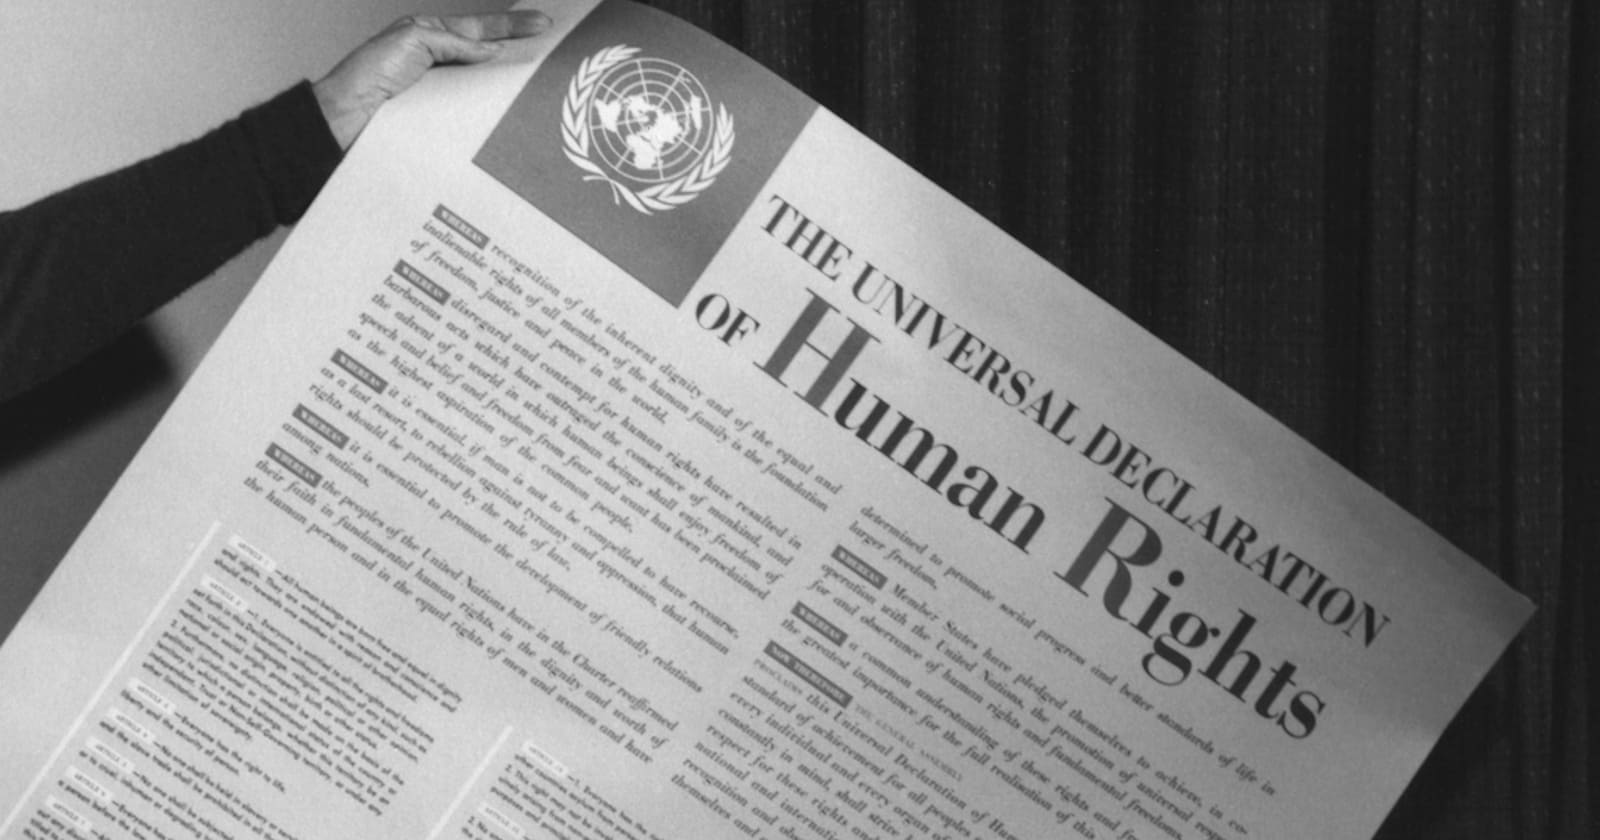 https://ziarul.romania-rationala.ro/control/articole/articole/declaratia-universala-a-drepturilor-omului.jpg